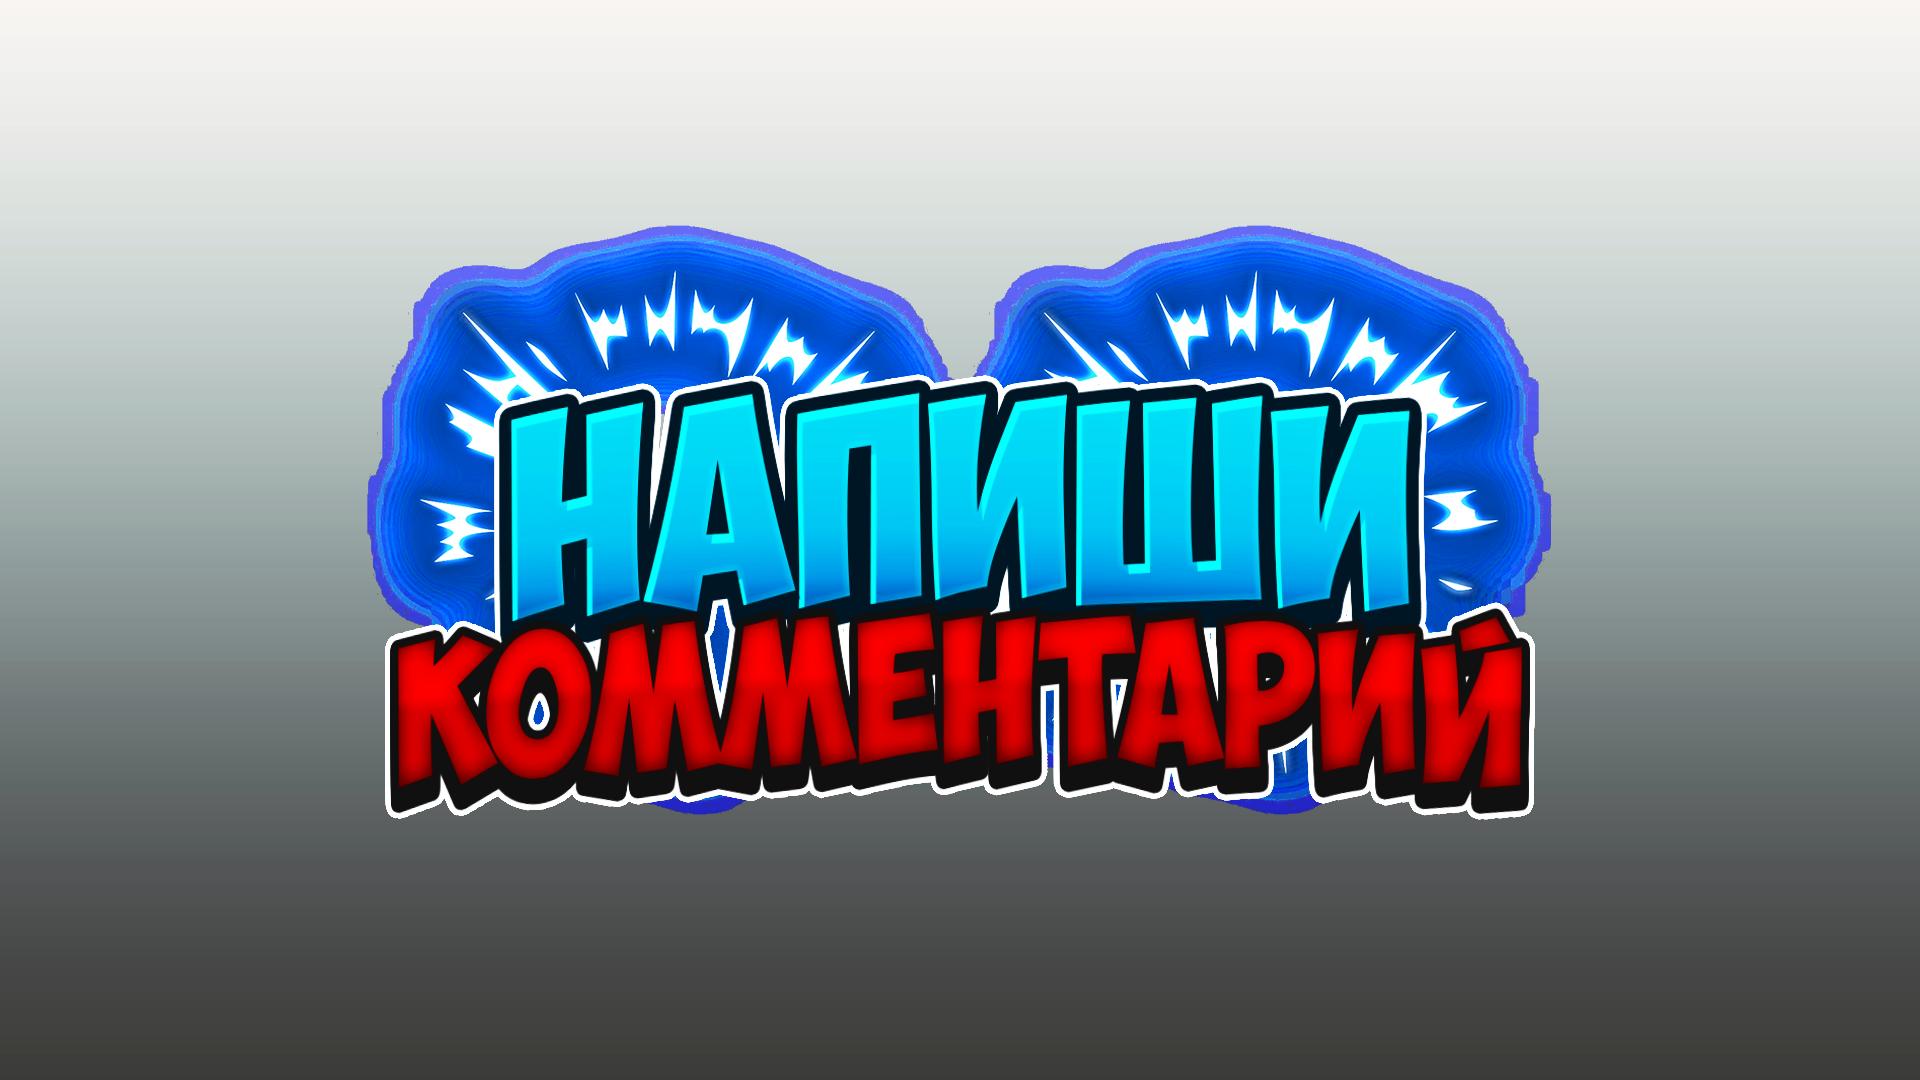 Конкурс комментариев на проекте ChelseaBlues.Ru